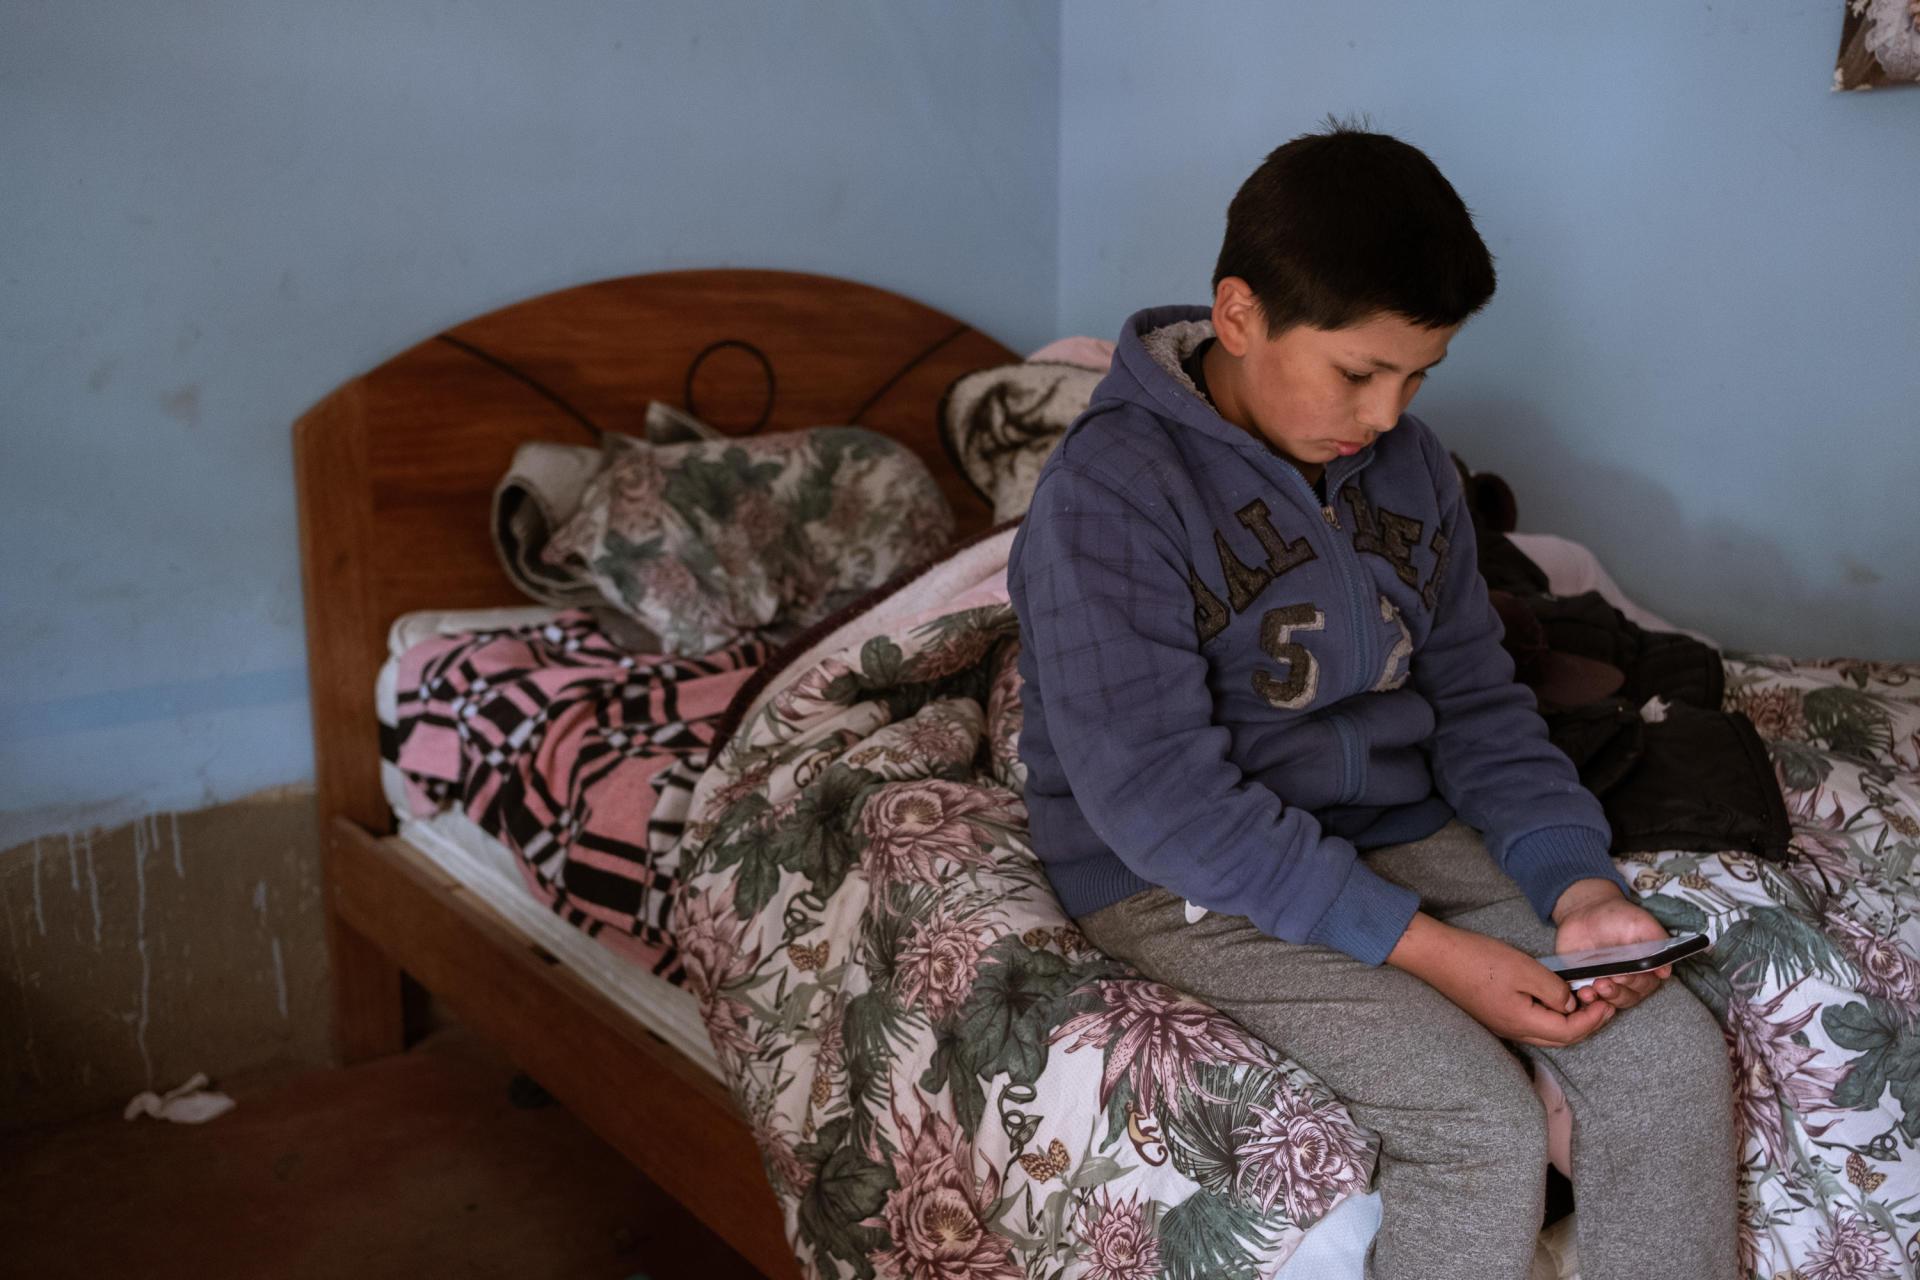 Aaron, âgé de 12 ans, commence ses cours virtuels le matin dans sa chambre, le 16 mars 2021. Il utilise le téléphone de sa tante pour se connecter et recevoir ses cours. Dans la communauté de Cuyo Grande (région de Cusco), les habitants n'ont pas de Wi-Fi et les parents doivent payer des forfaits pour avoir accès à Internet.